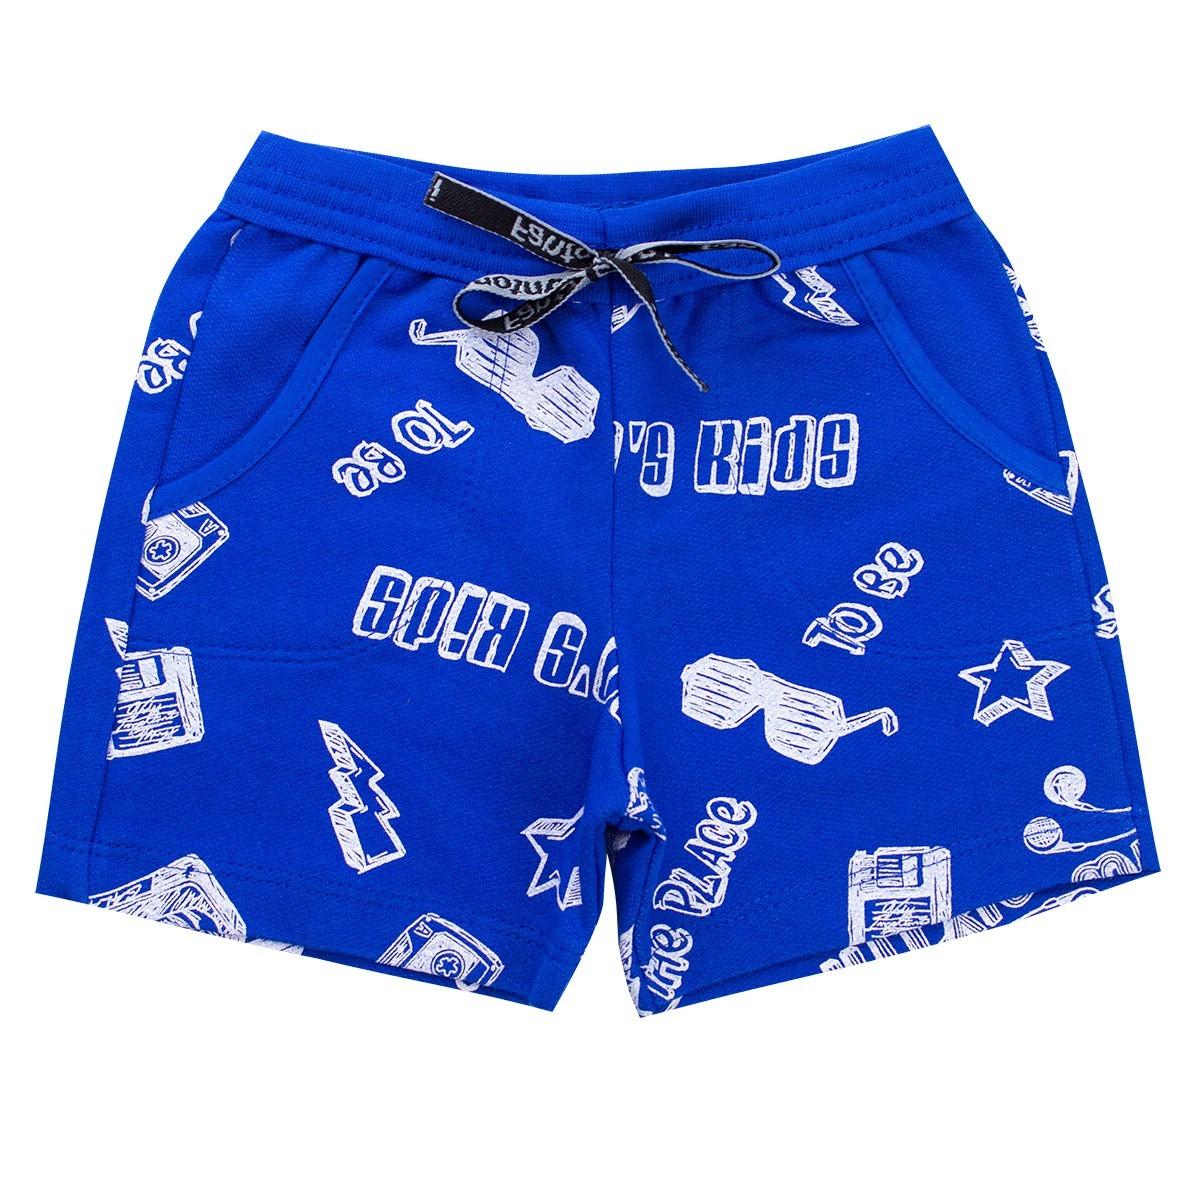 Kit 4 Bermudas Menino Shorts Bebê Moletinho Estampado